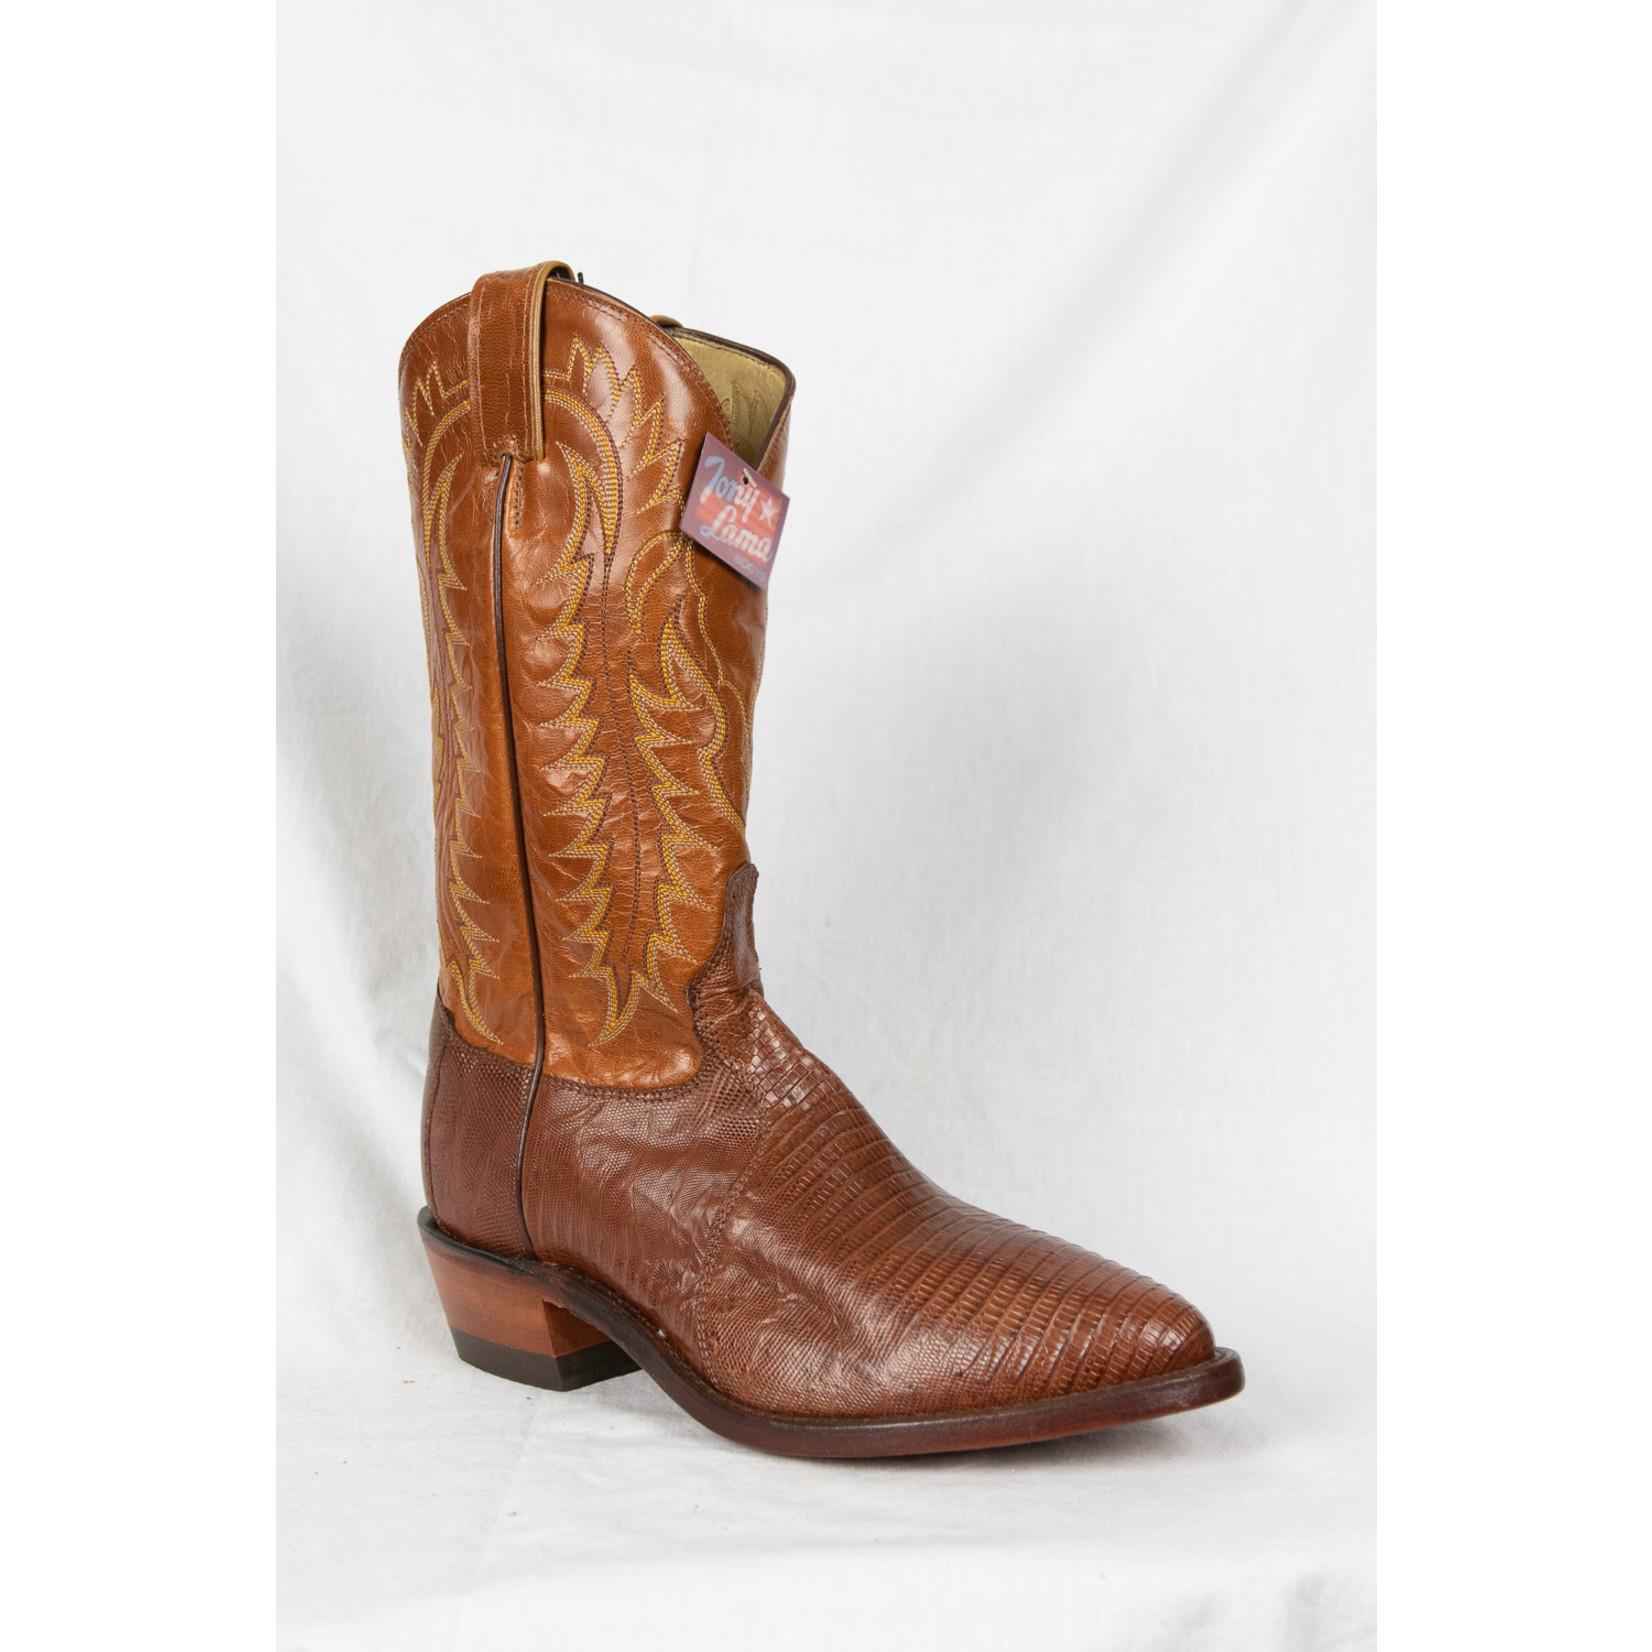 Tony Lama Tony Lama Men's Cowboy Boot Y2062